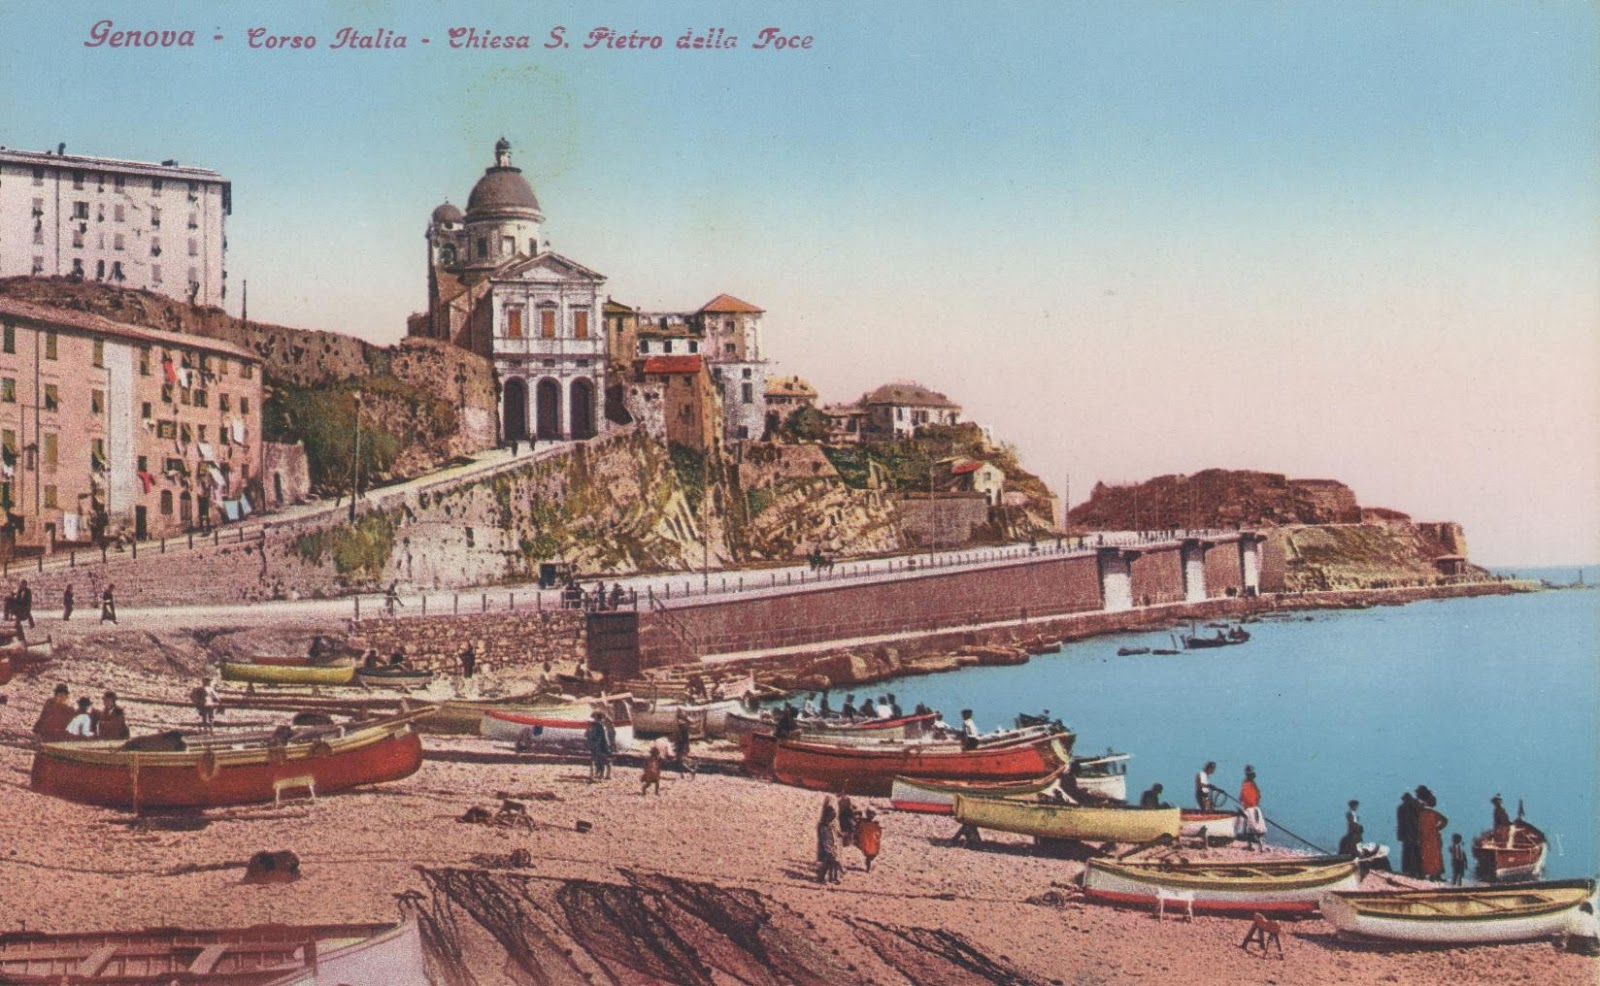 Hotel Genova Corso Italia